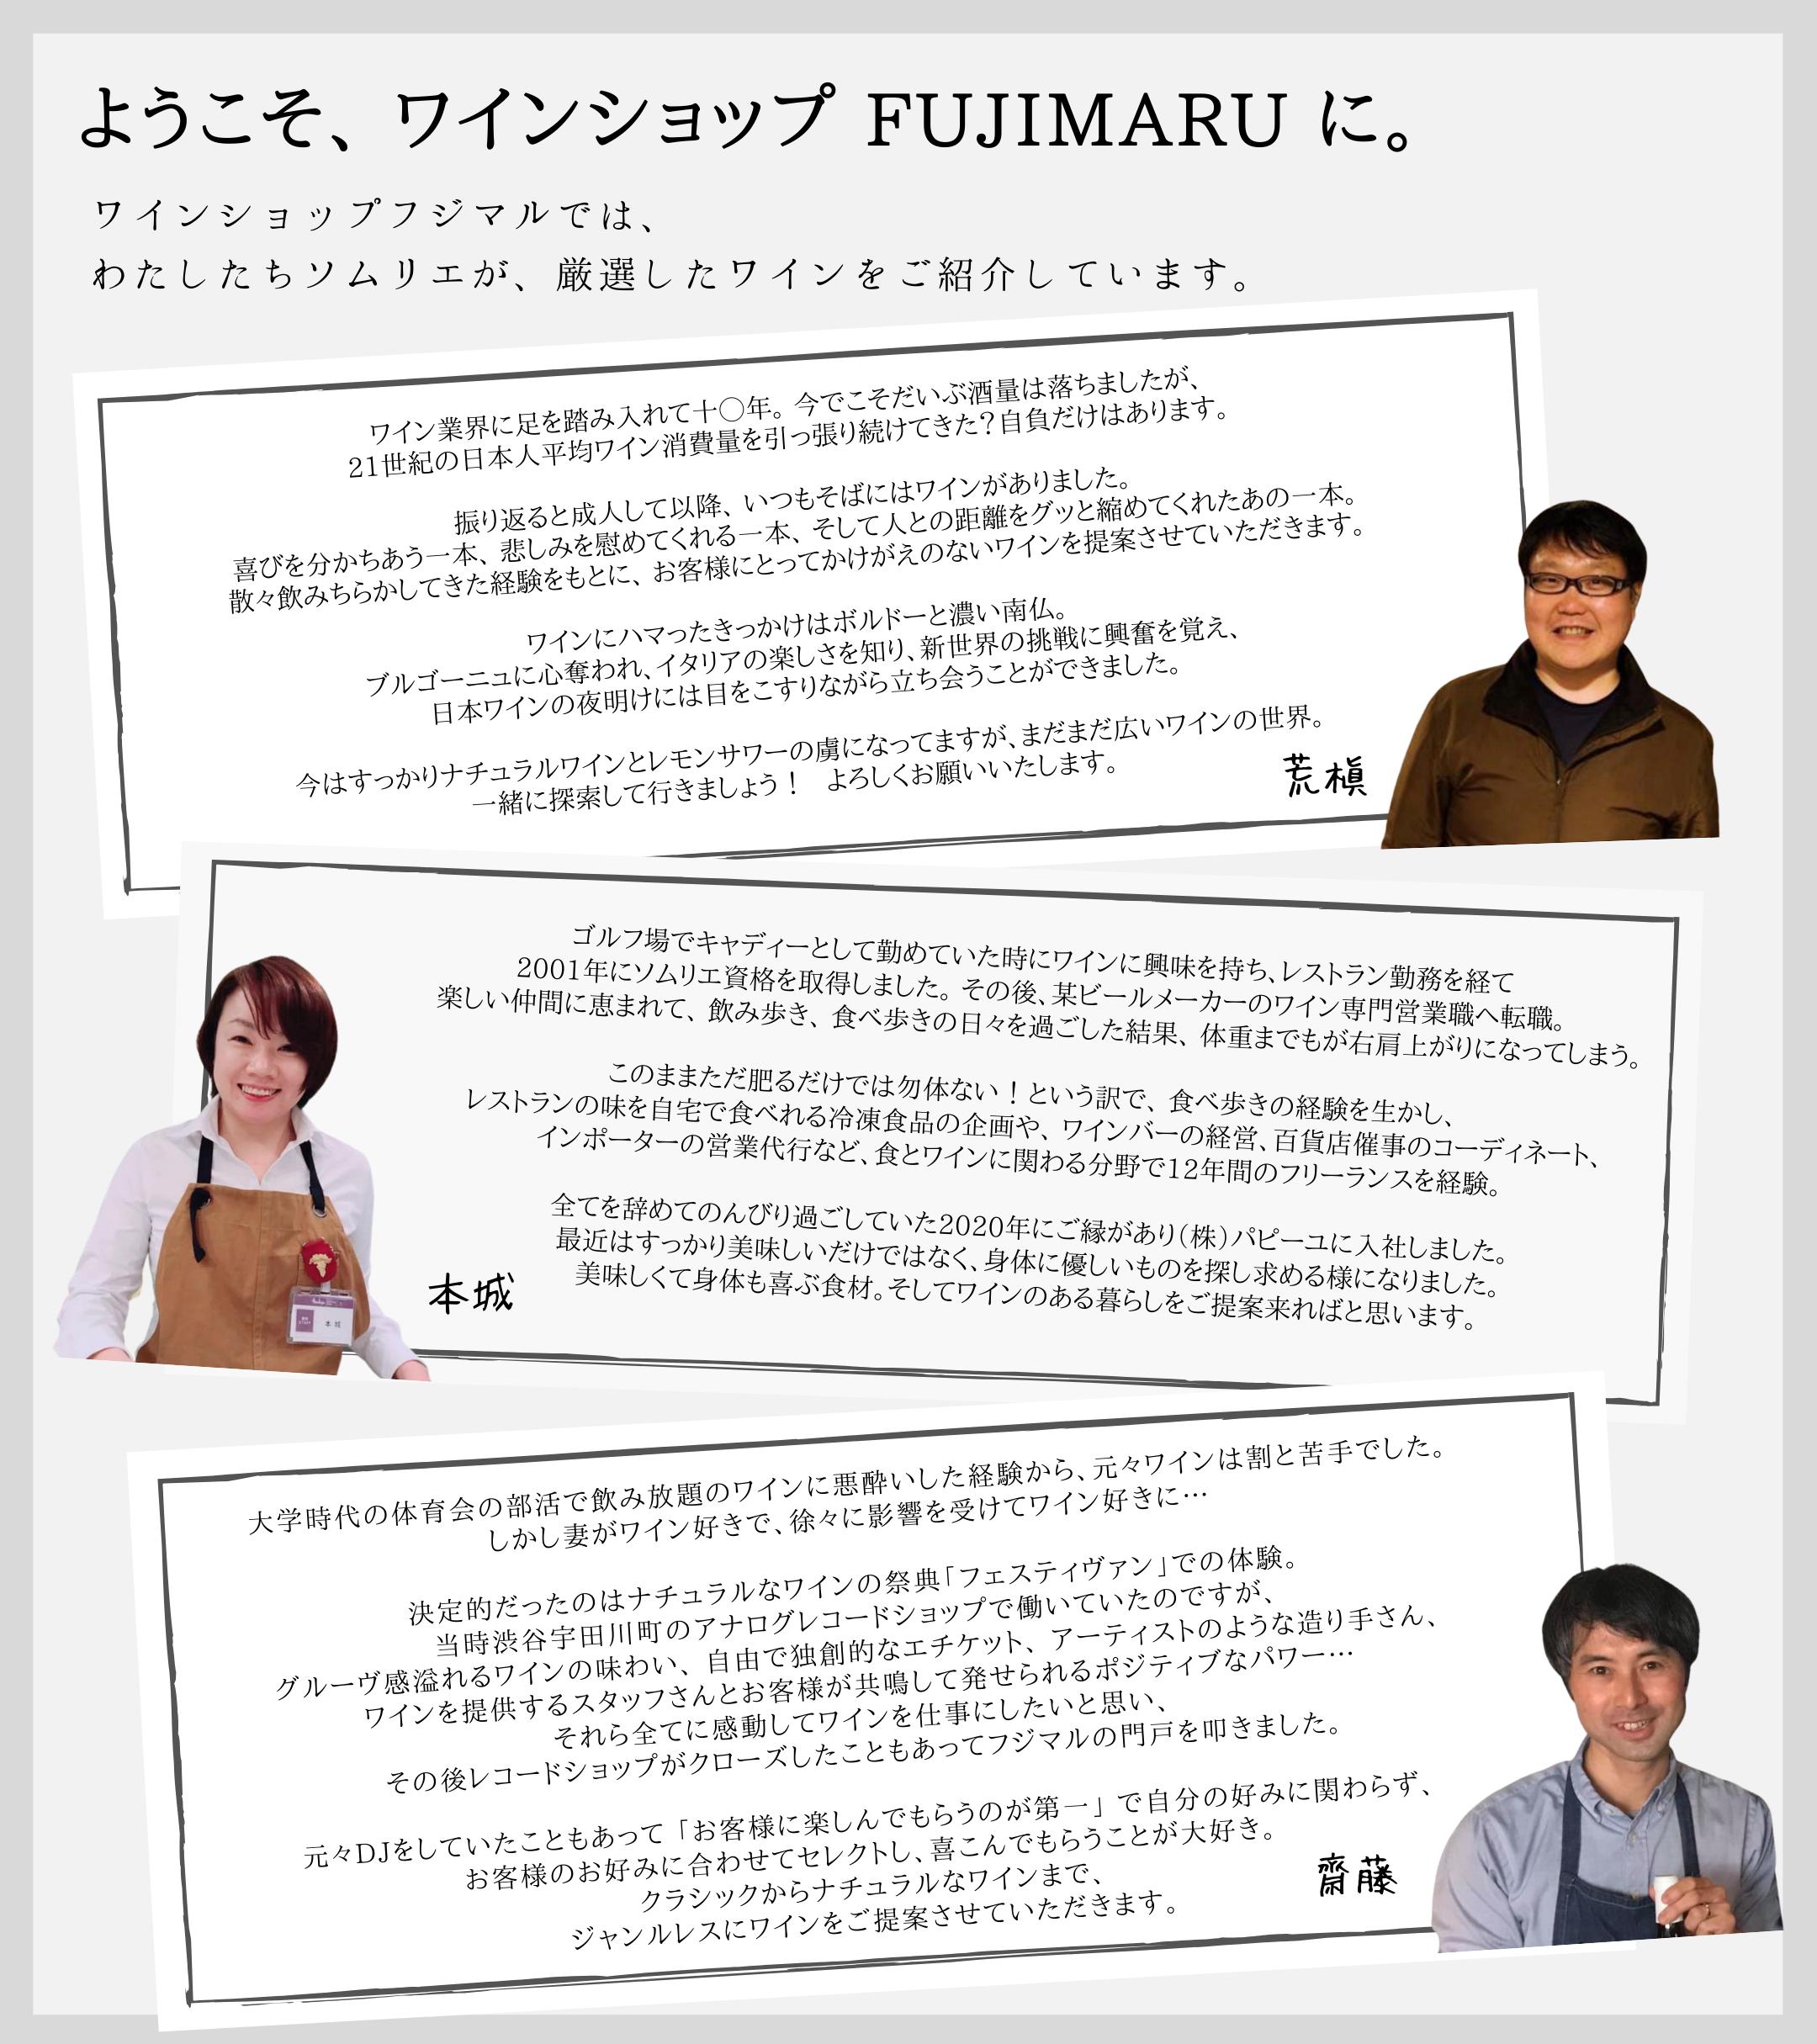 wineshop fujimaru スタッフおすすめ